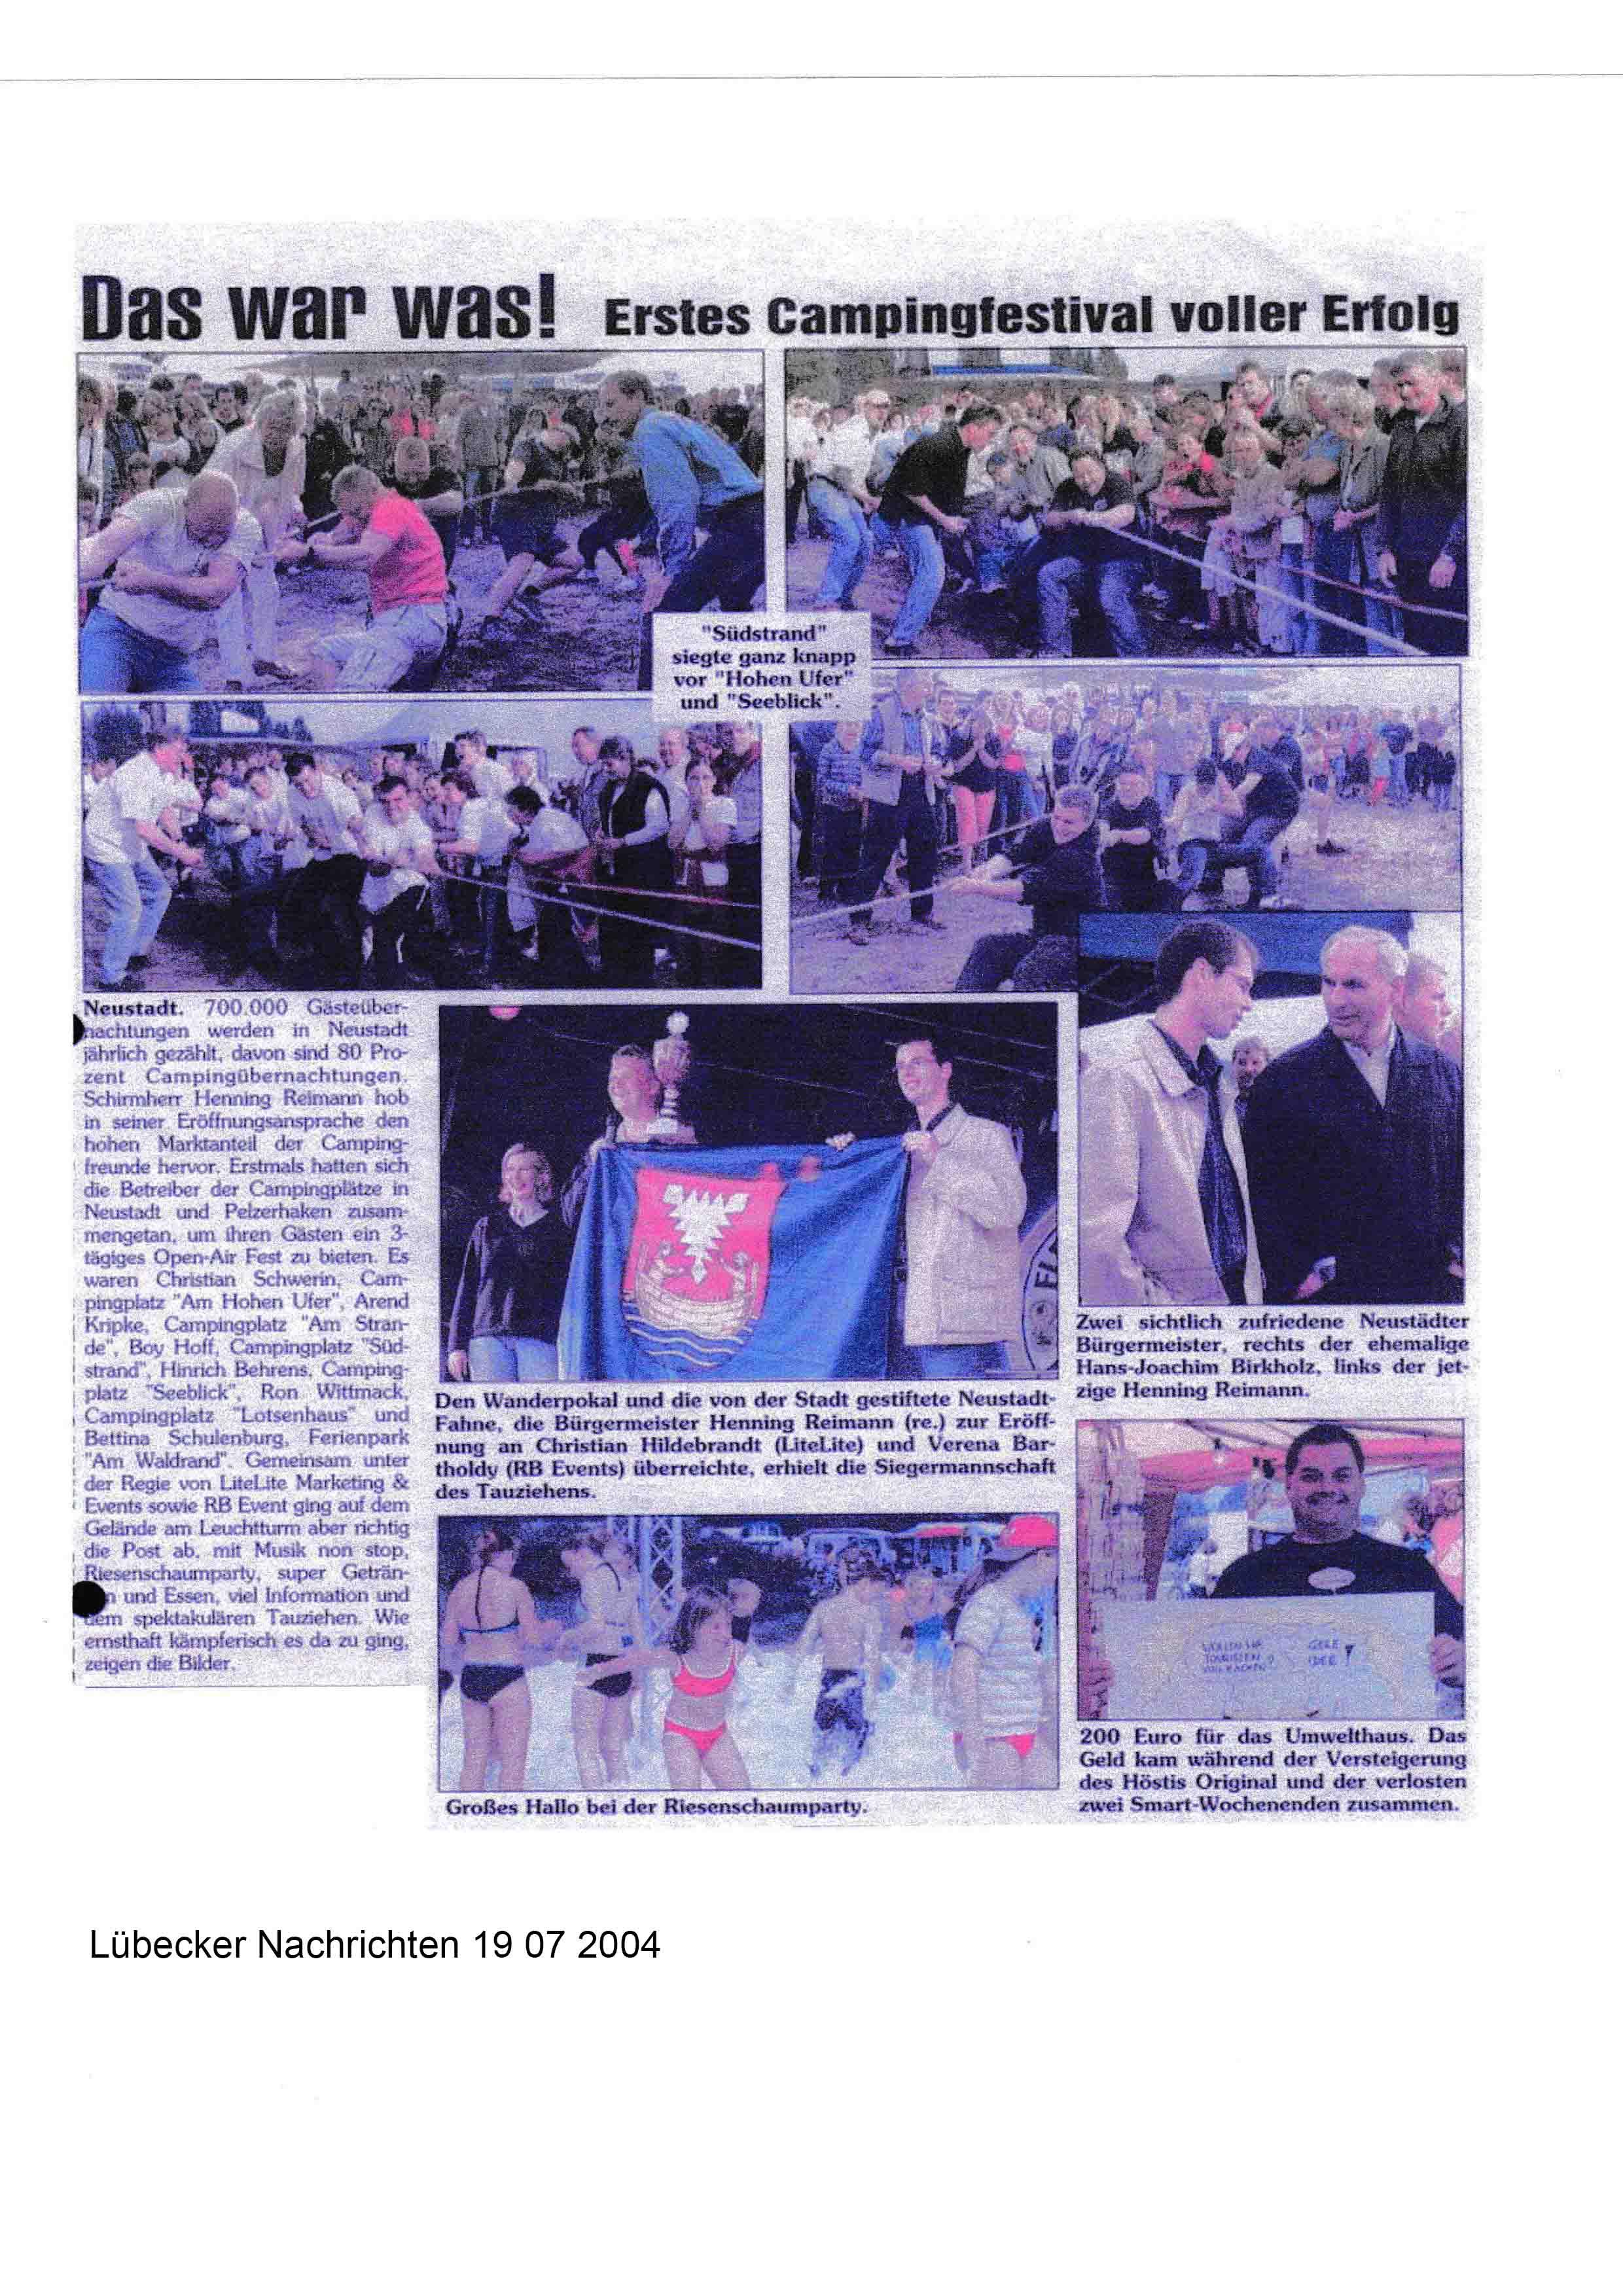 Lübecker Nachrichten 19 07 2004